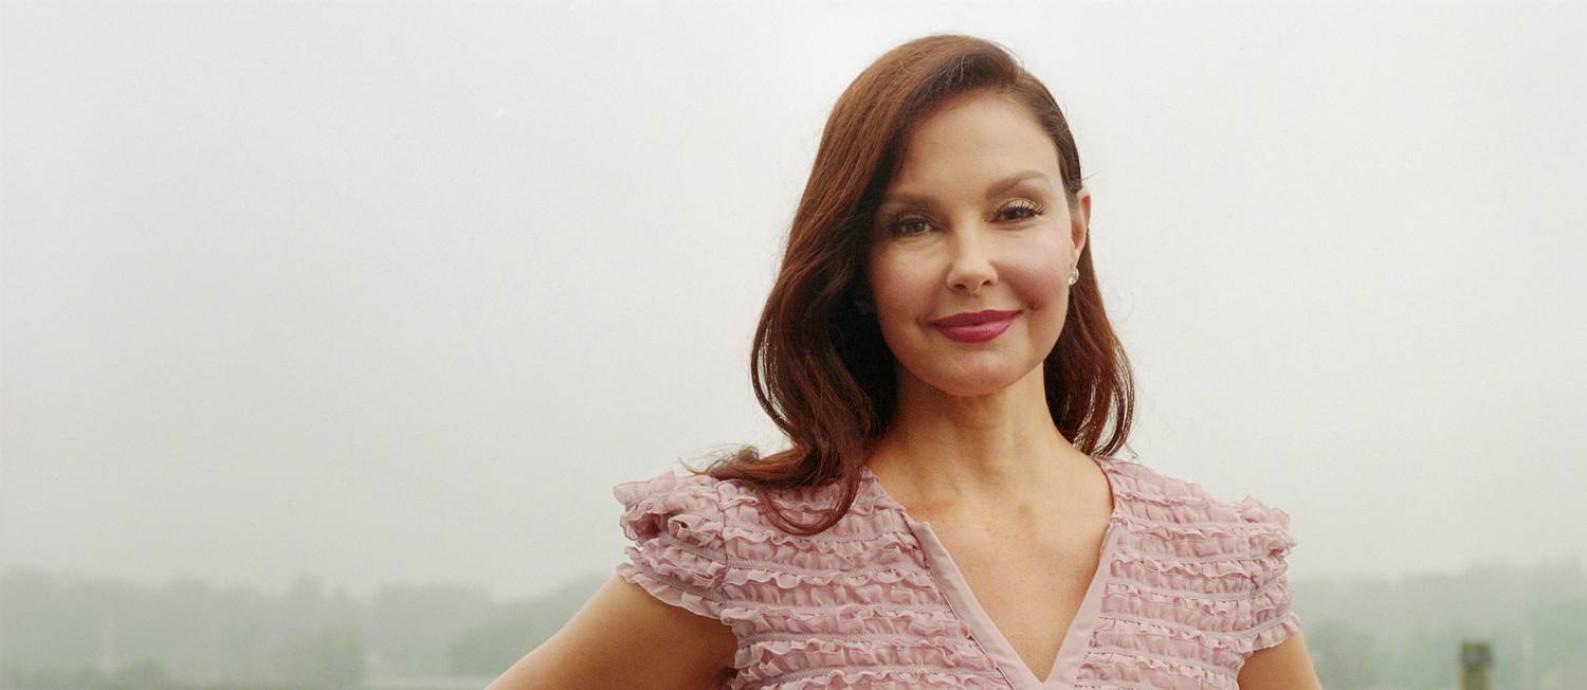 """Ashley Judd, de 50 anos, foi a primeira atriz a denunciar Harvey Weinstein, em reportagem de 5 de outubro no """"New York Times"""" Foto: HEATHER STEN / NYT"""